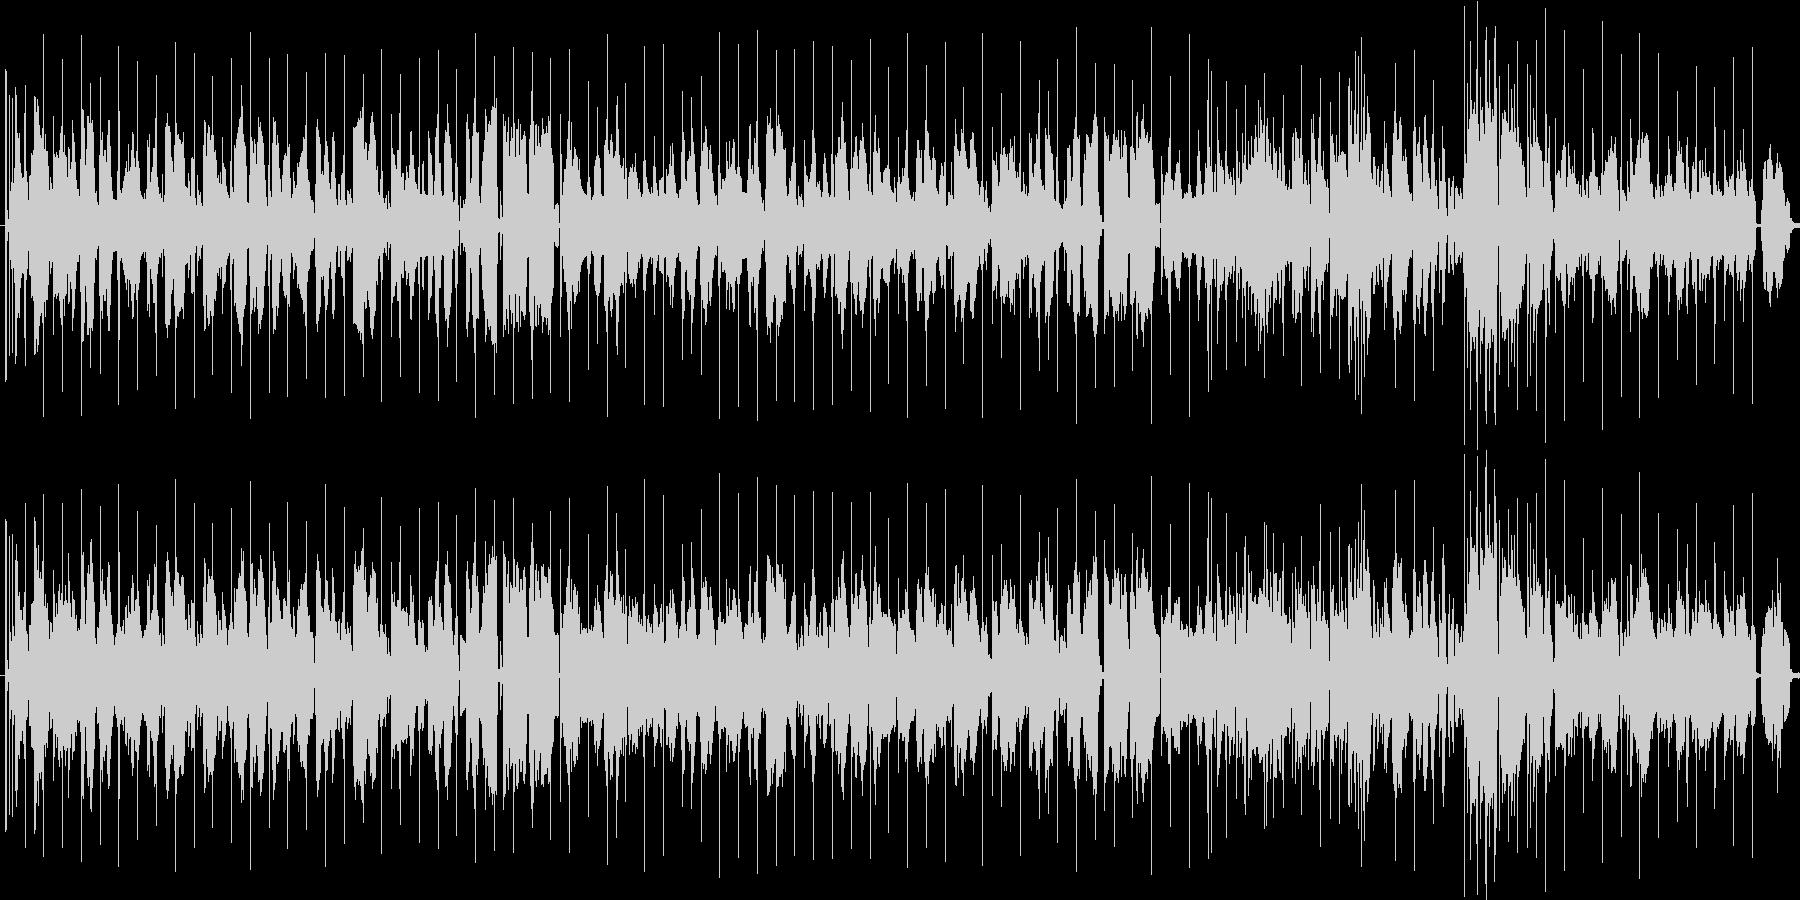 しんみりとしたバラードの未再生の波形